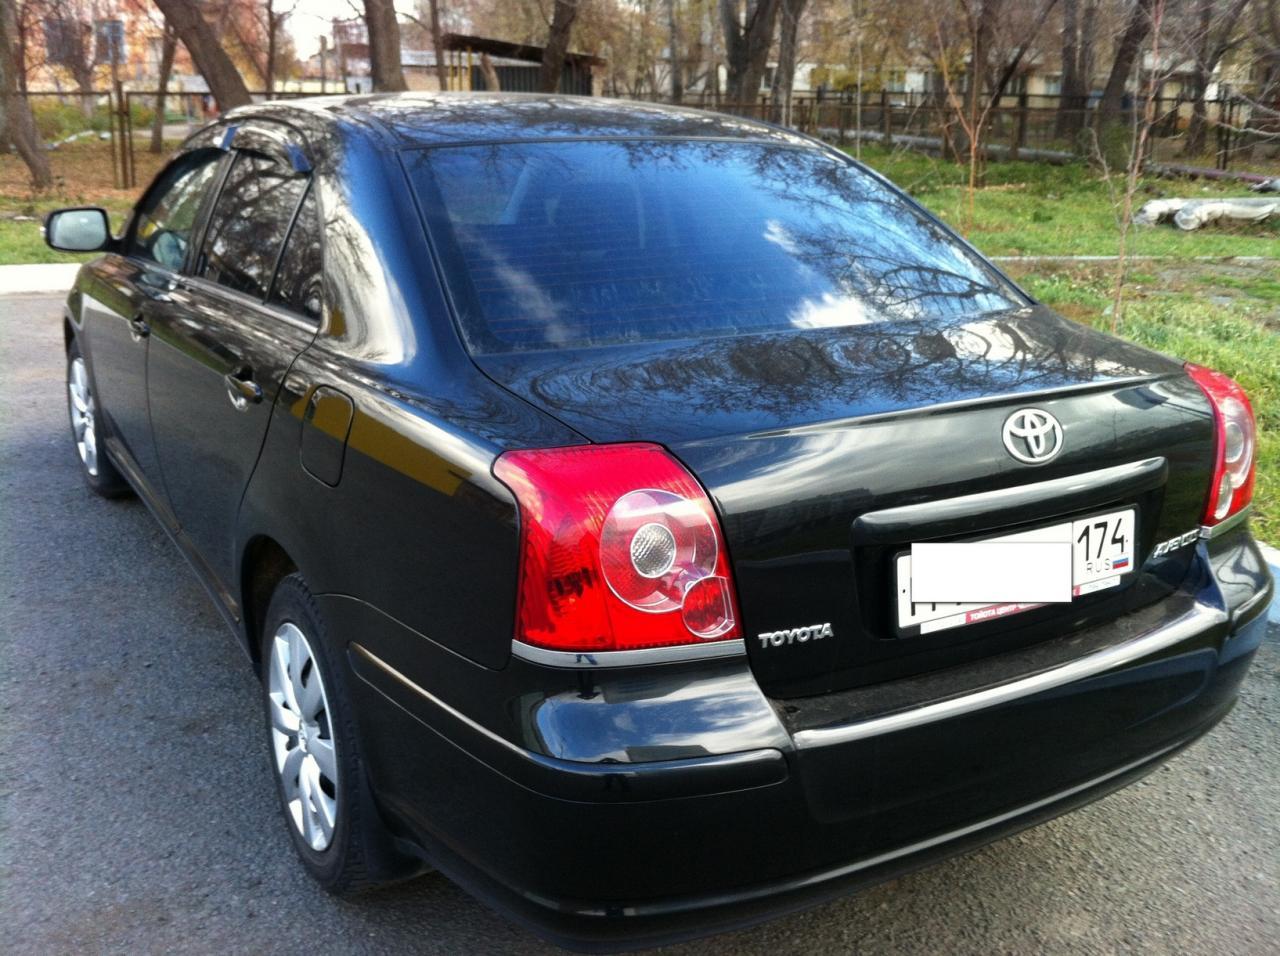 Продам Тойота Авенсис 2008 года в Барнауле, ОКТЯБРЬ 2008 ...